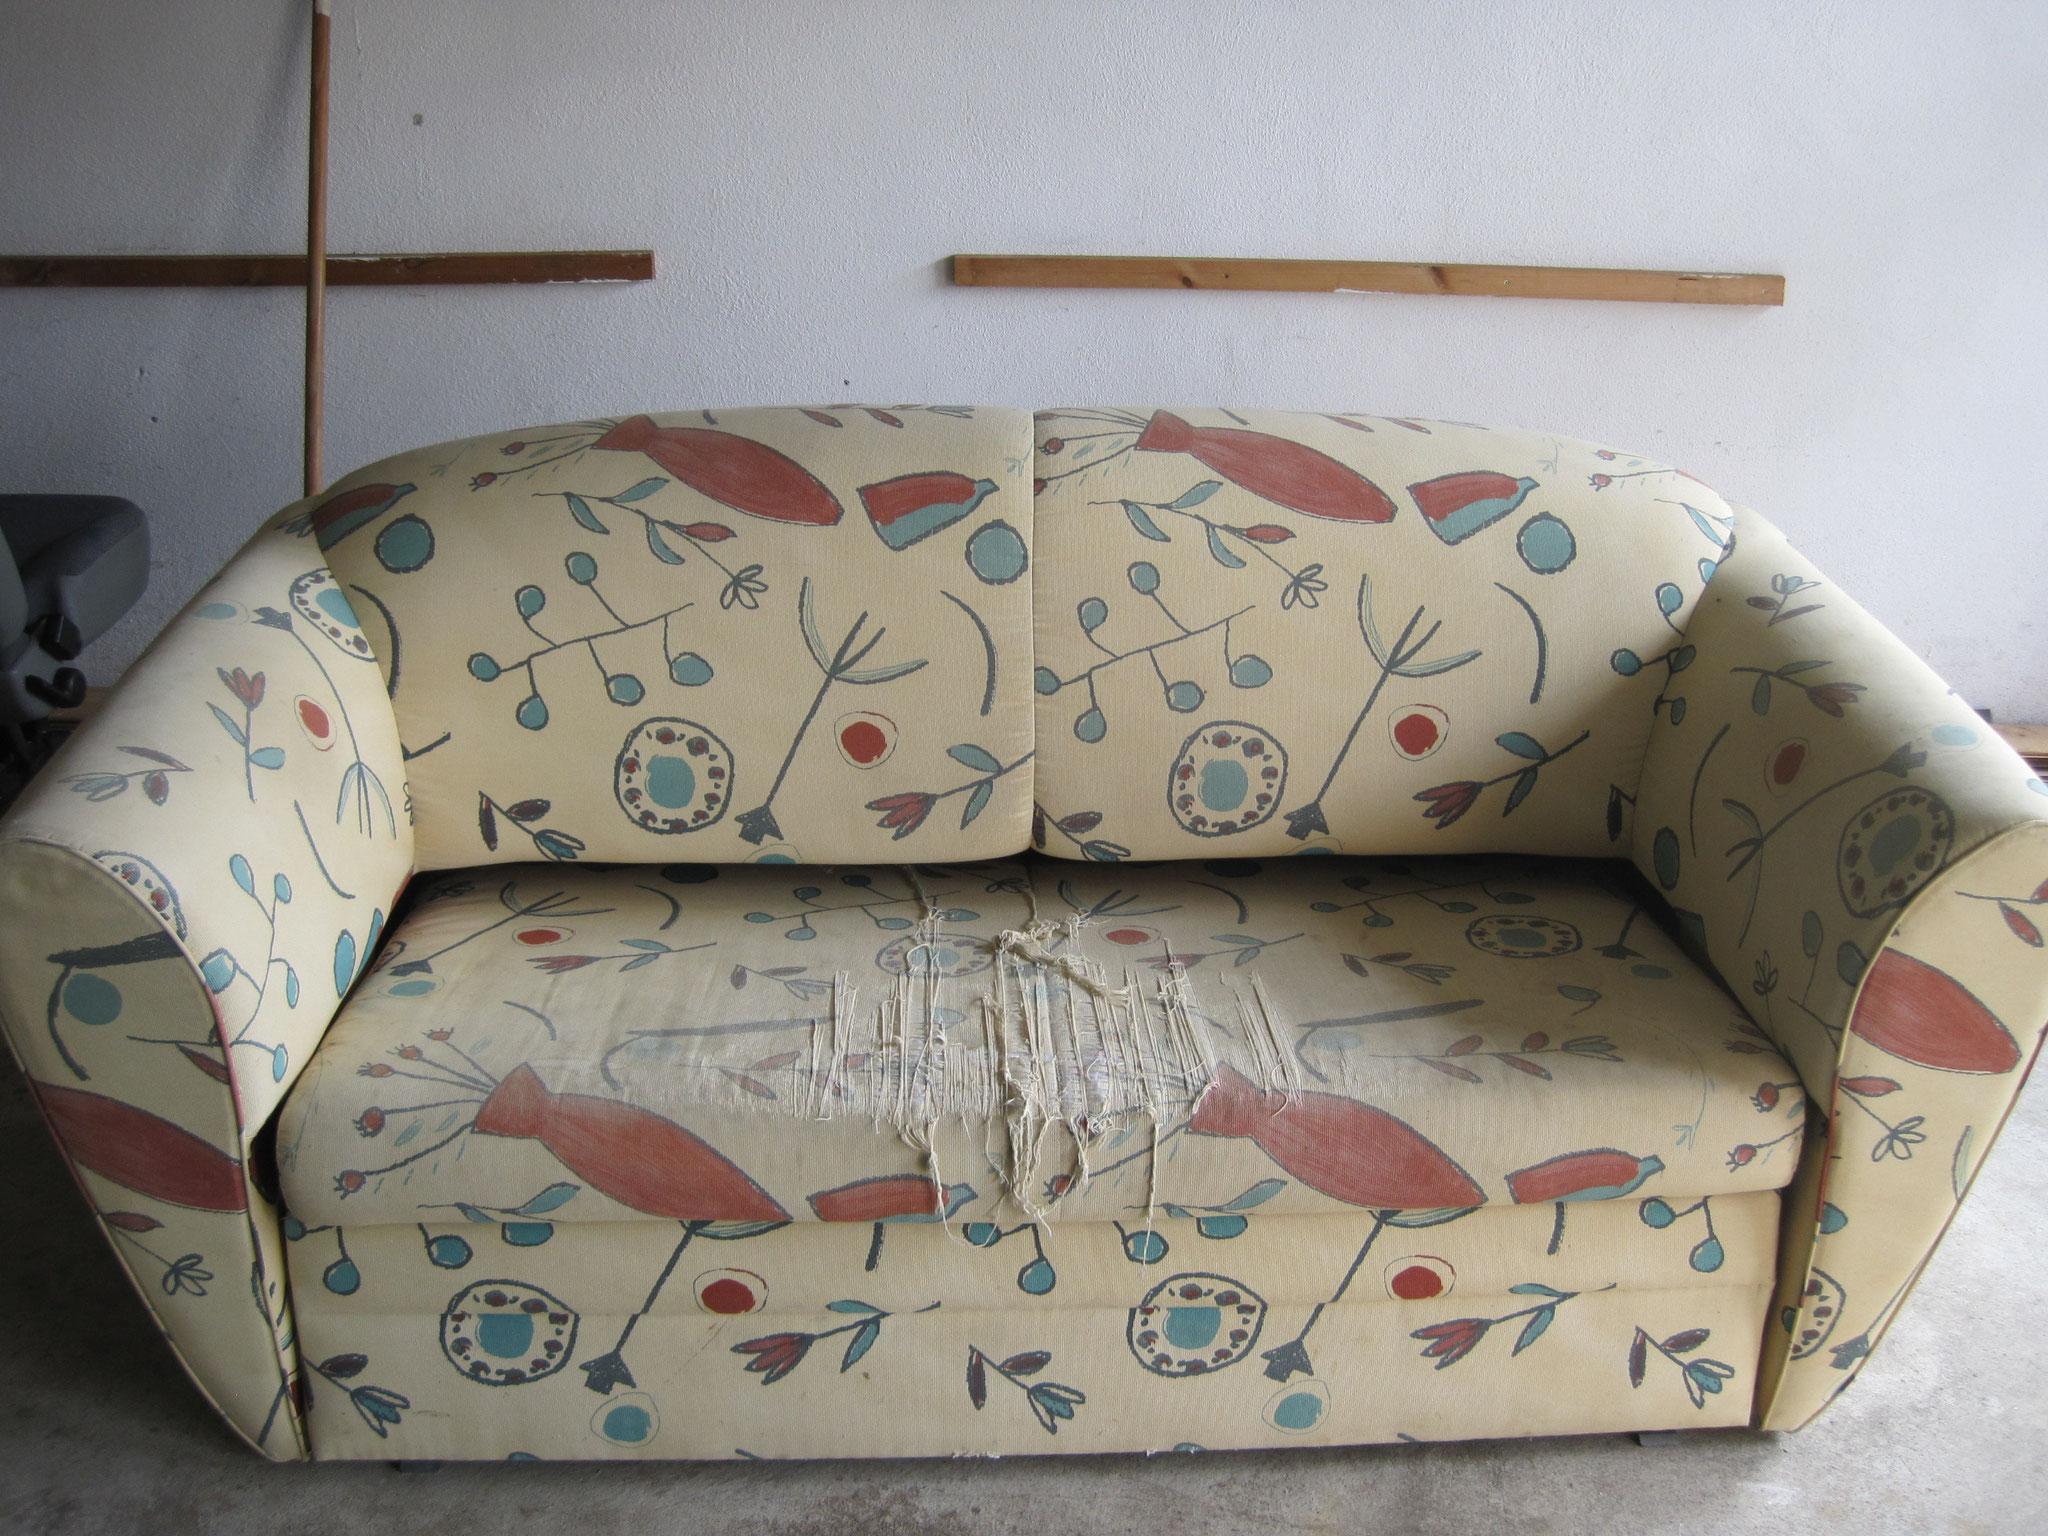 Full Size of Sofa Beziehen Couch Neu Der Gute Polstergeist 3 Sitzer Cassina Hussen Freistil Federkern Big Mit Schlaffunktion Xxl 2 5 1 Muuto Rattan Garten Groß Petrol Sofa Sofa Beziehen